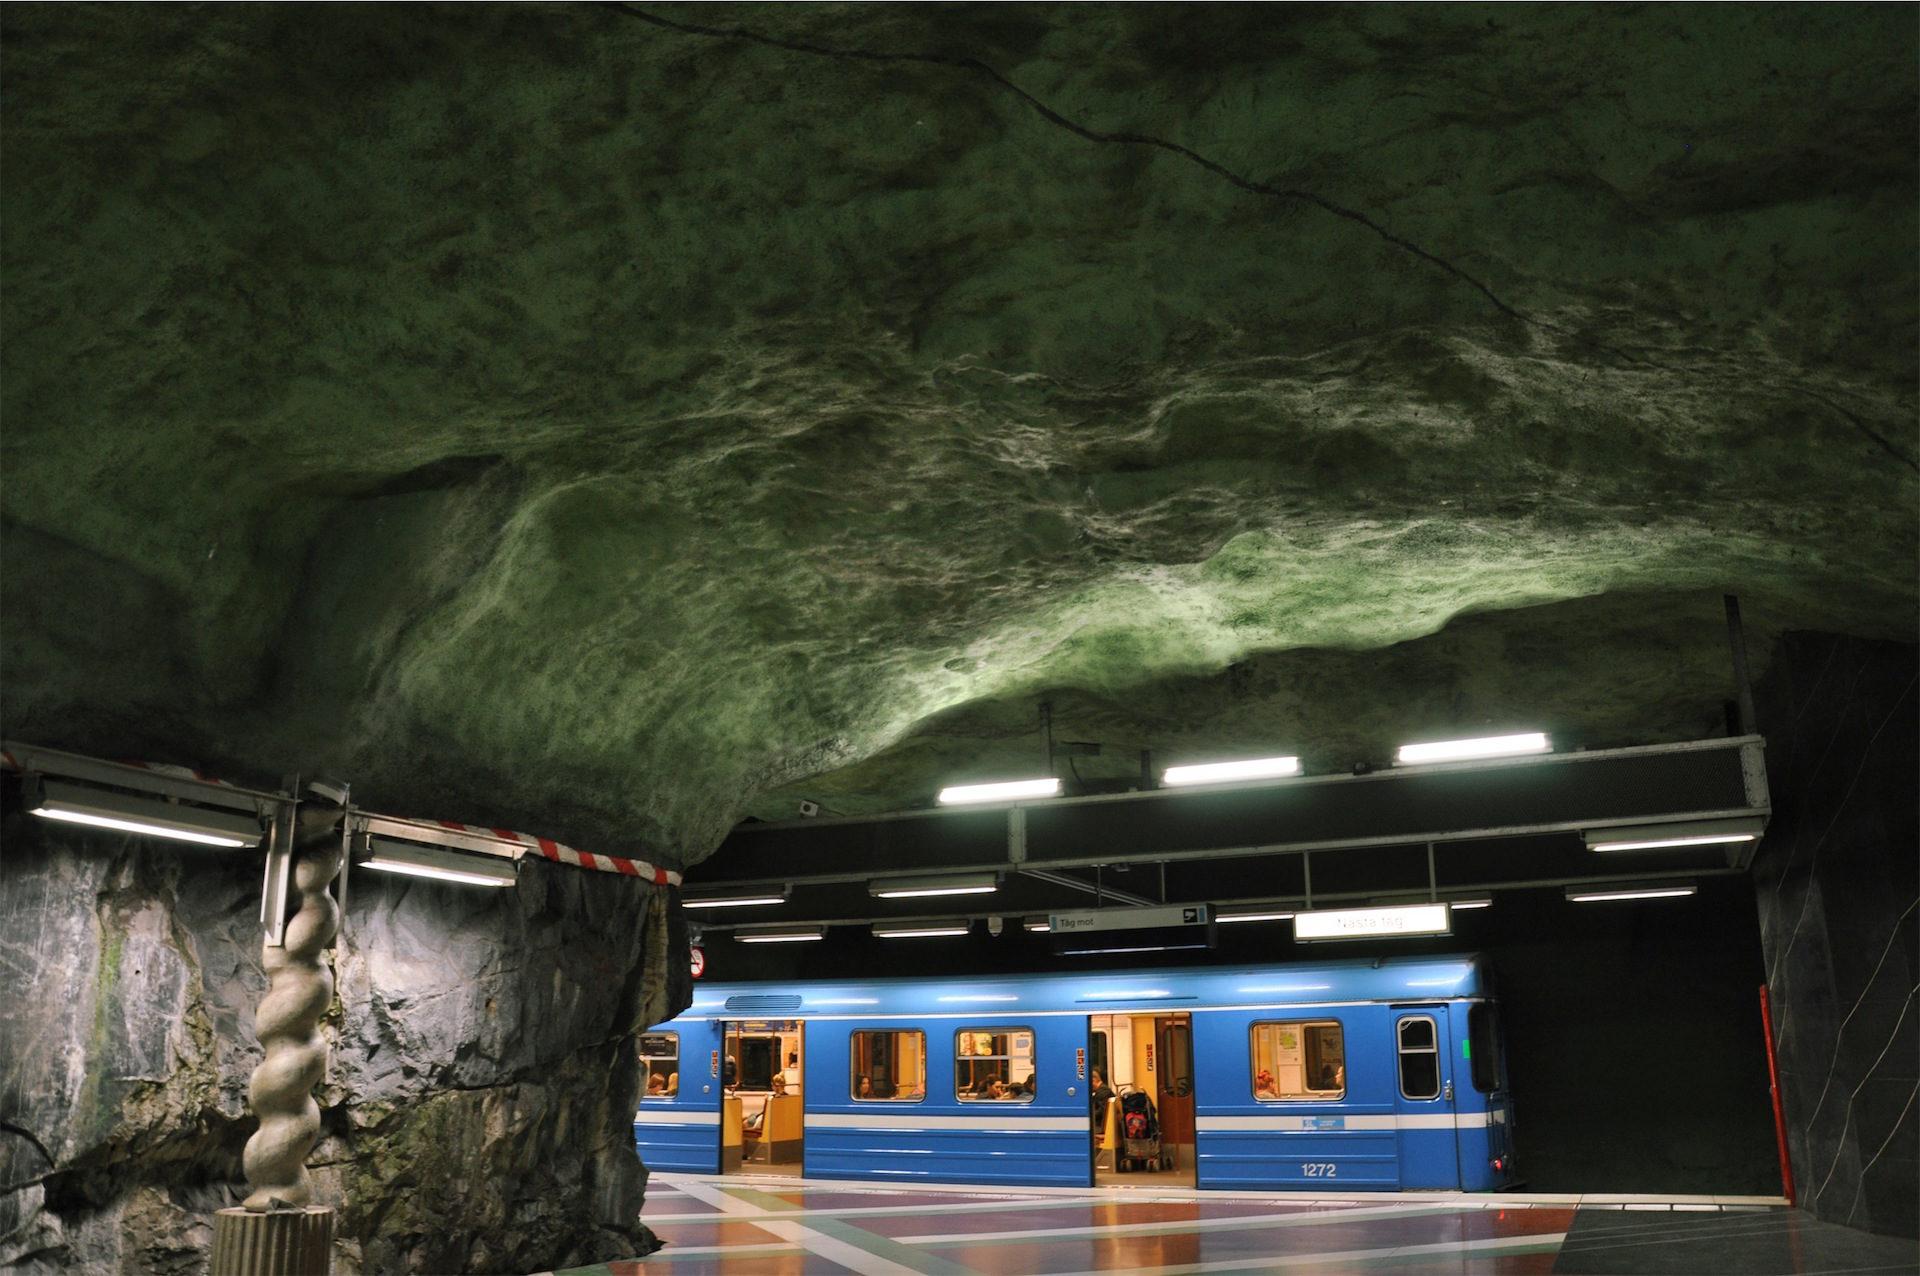 Estação, Metrô, túnel, Montanha, Pedra - Papéis de parede HD - Professor-falken.com